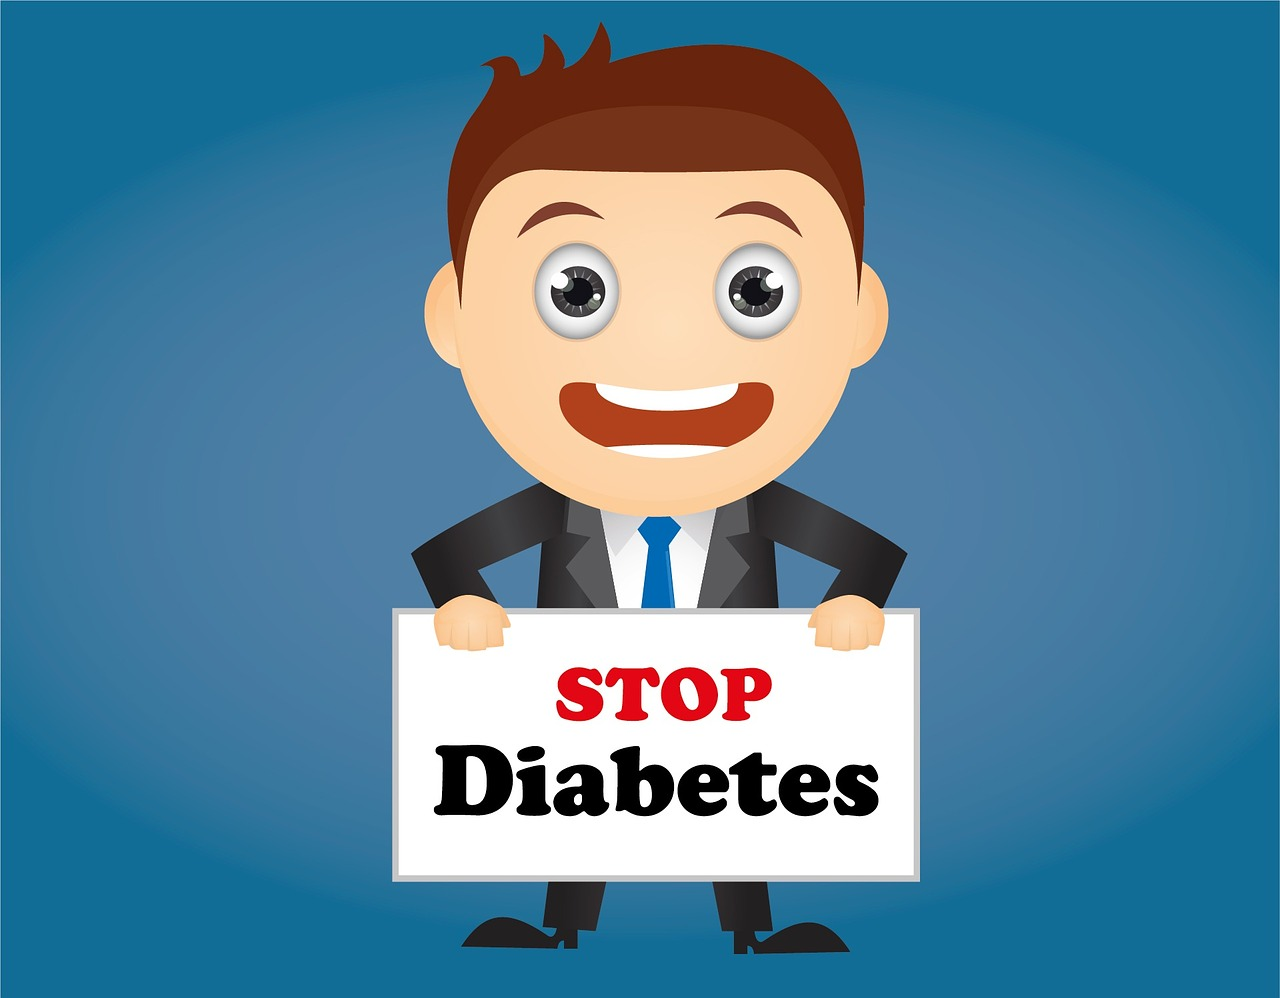 1型糖尿病患者における超低炭水化物食によるHbA1c管理について